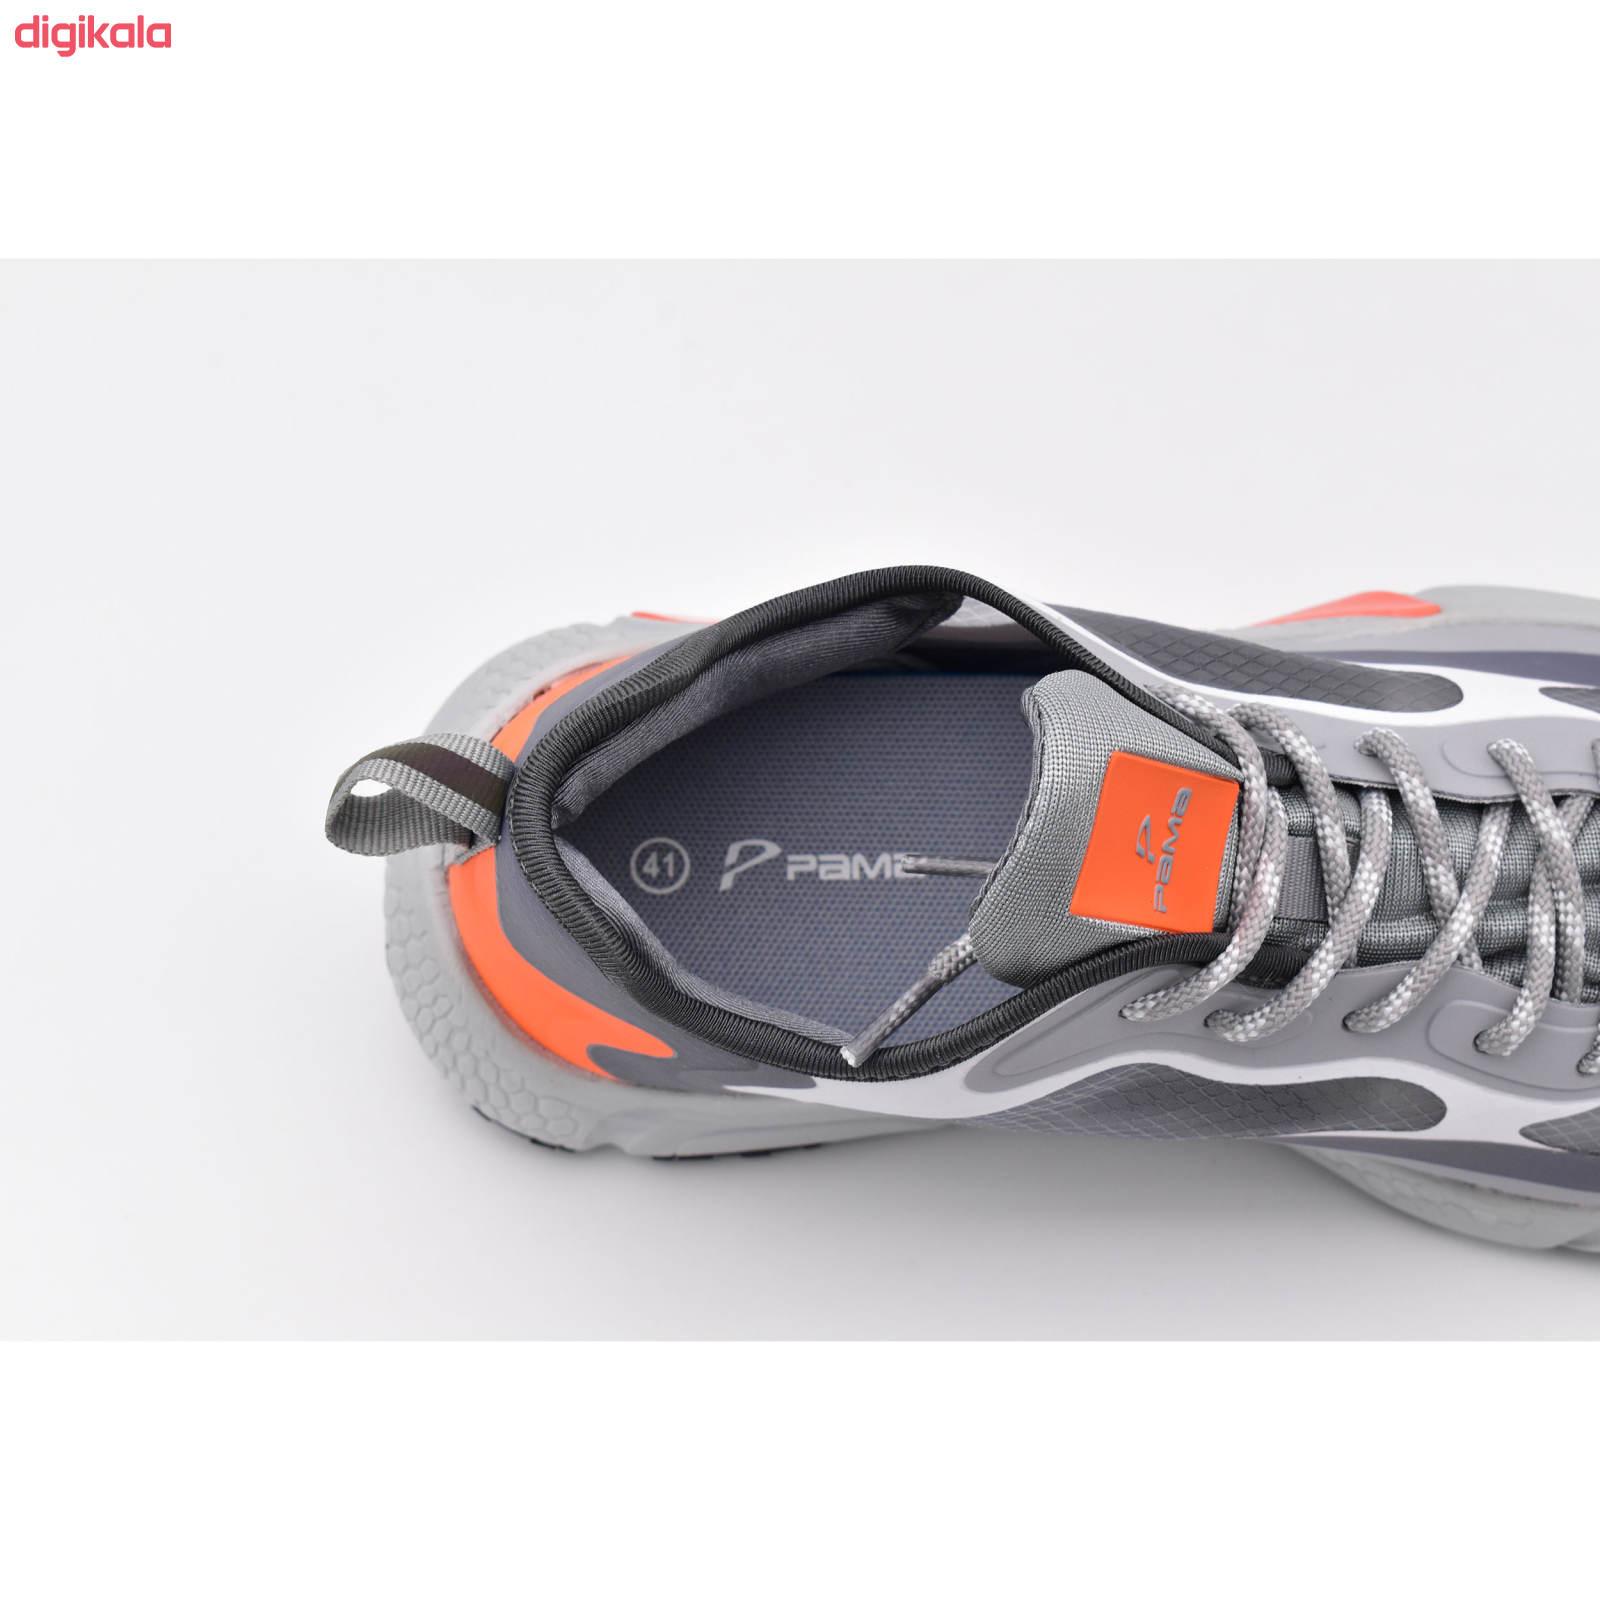 کفش پیاده روی مردانه پاما مدل ساموئل کد G1421 main 1 7